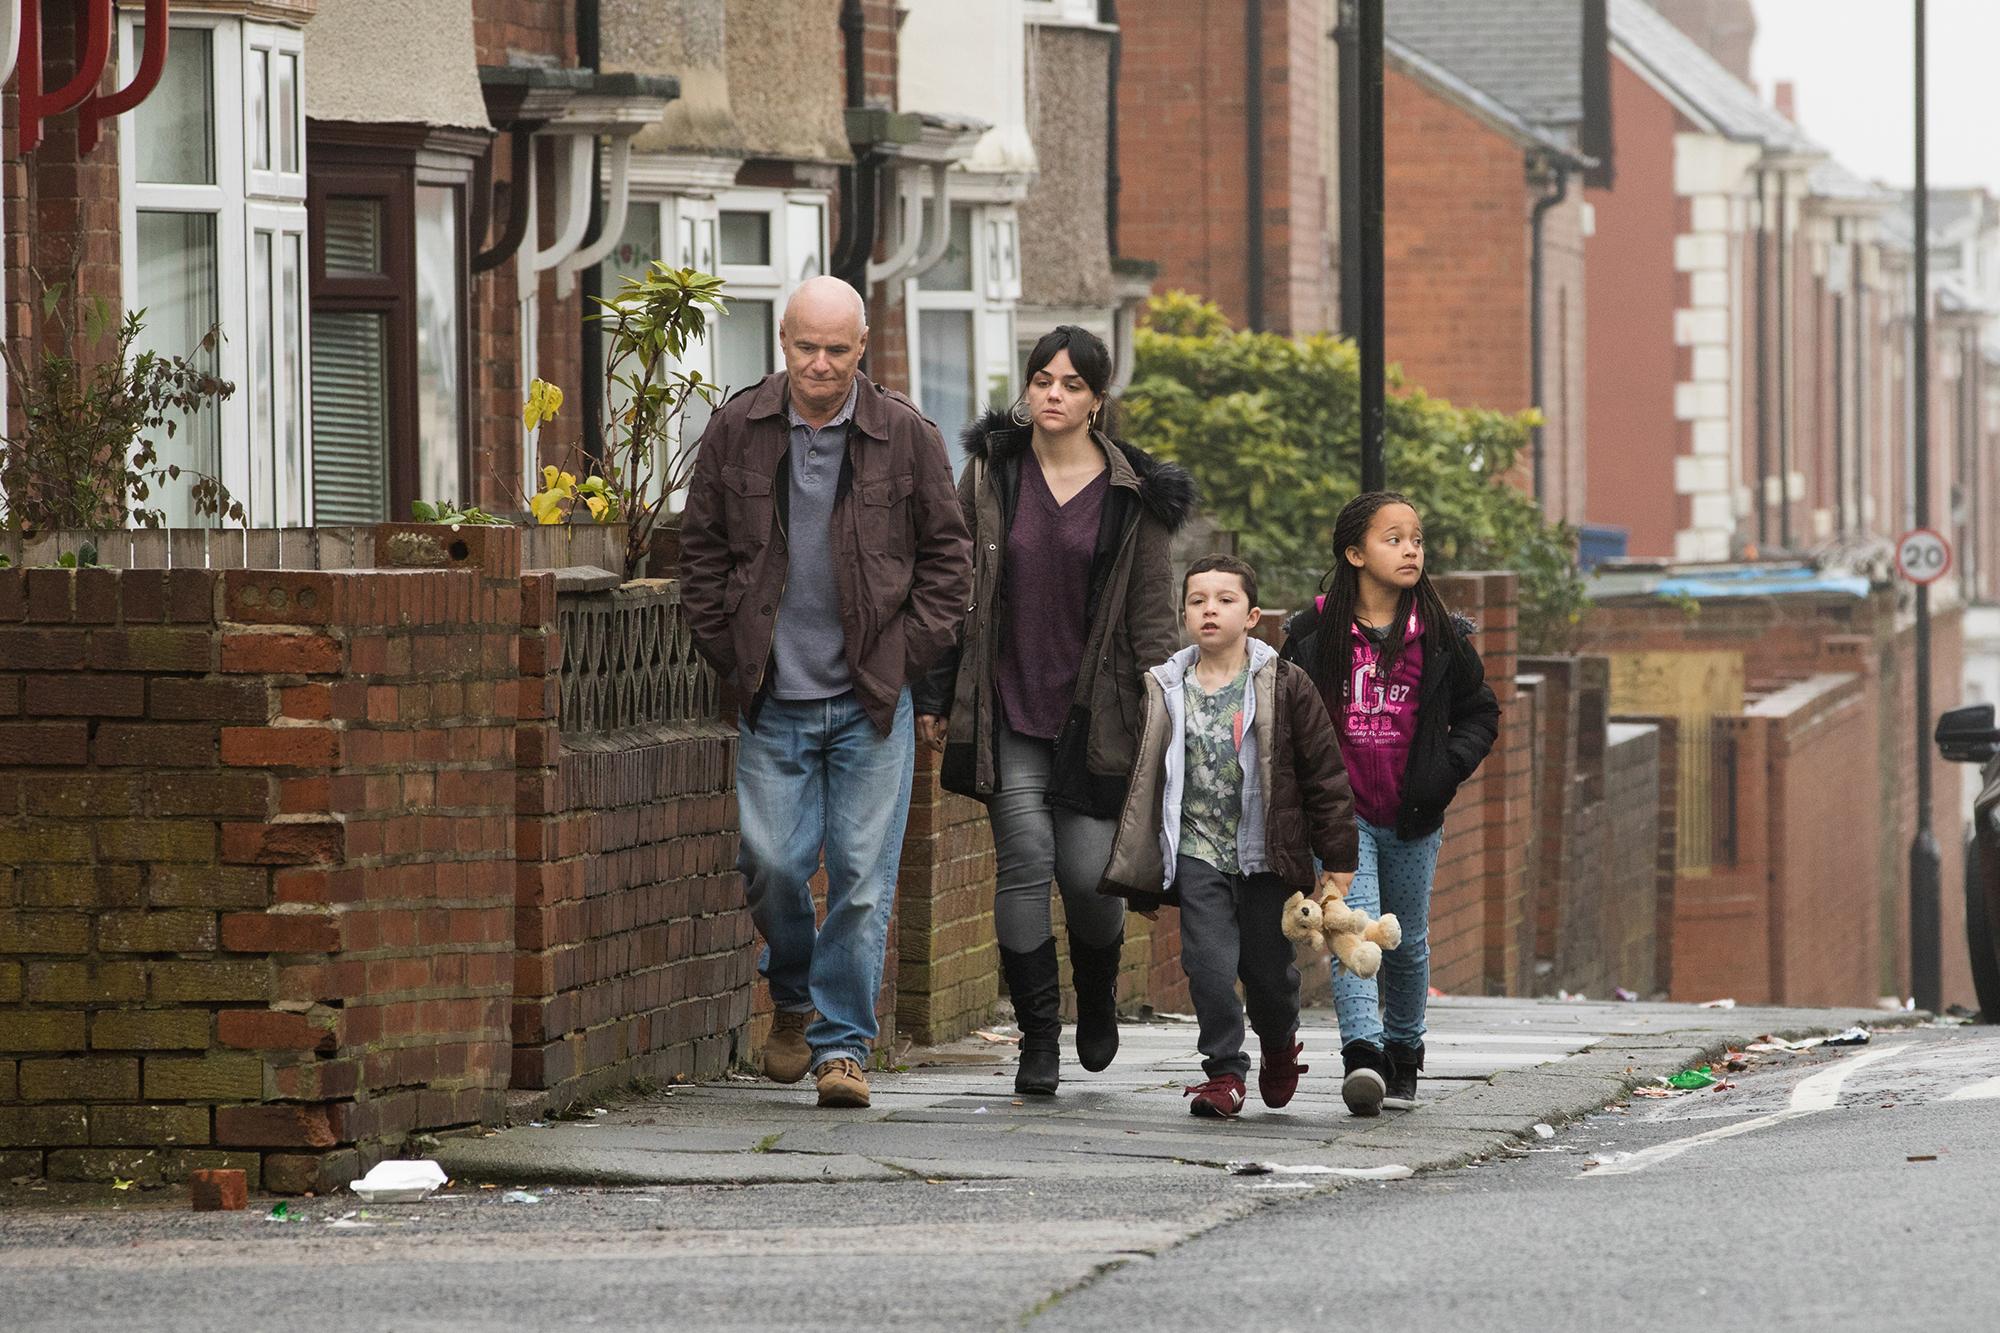 Graue Strassen – Regisseur Ken Loach zeigt uns eine triste Welt.